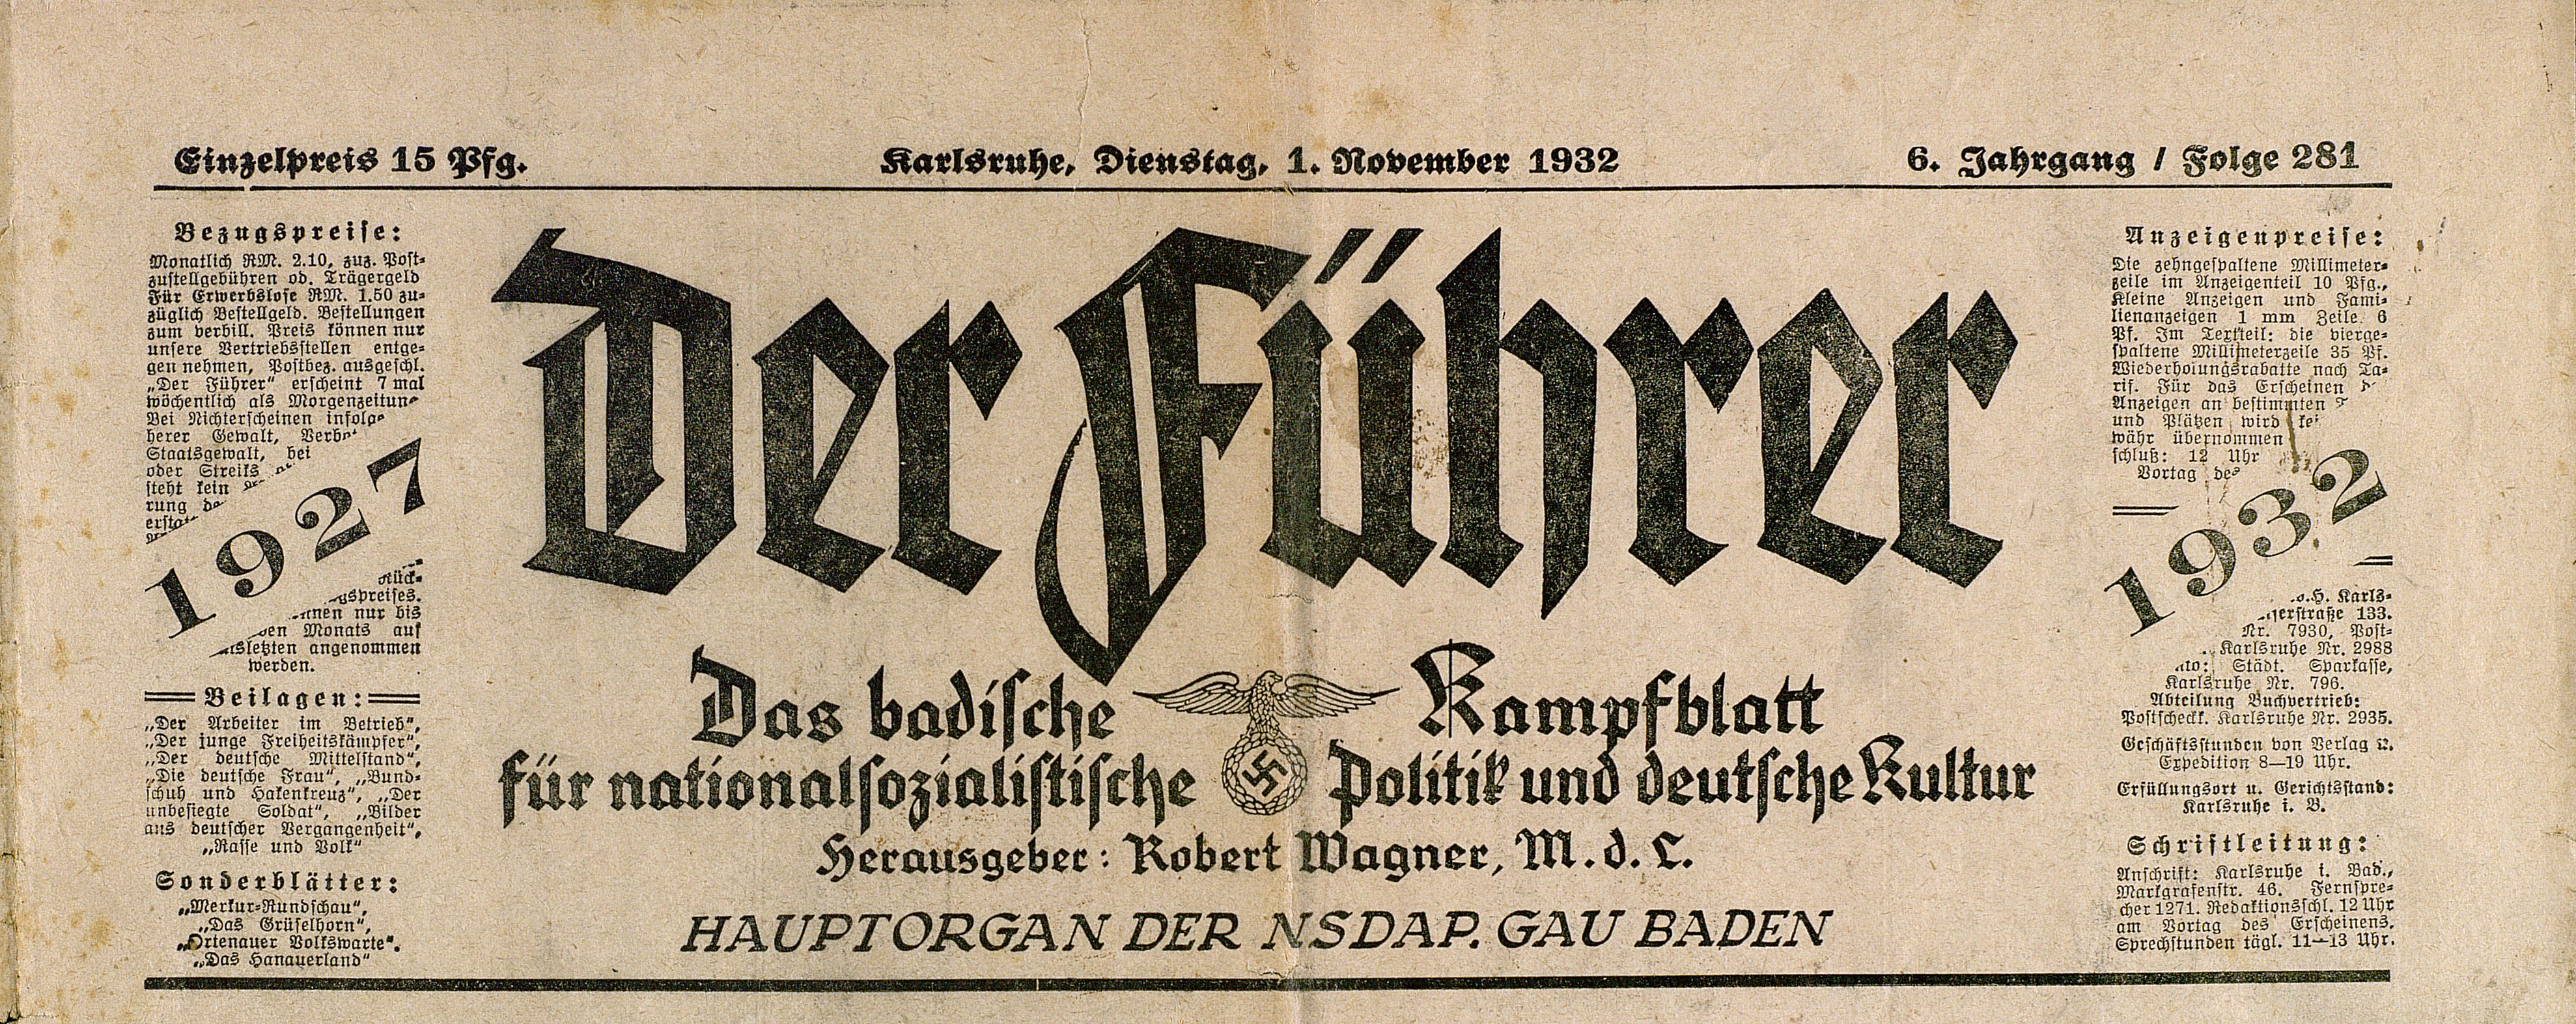 Der Führer 1.11.1932_Titel